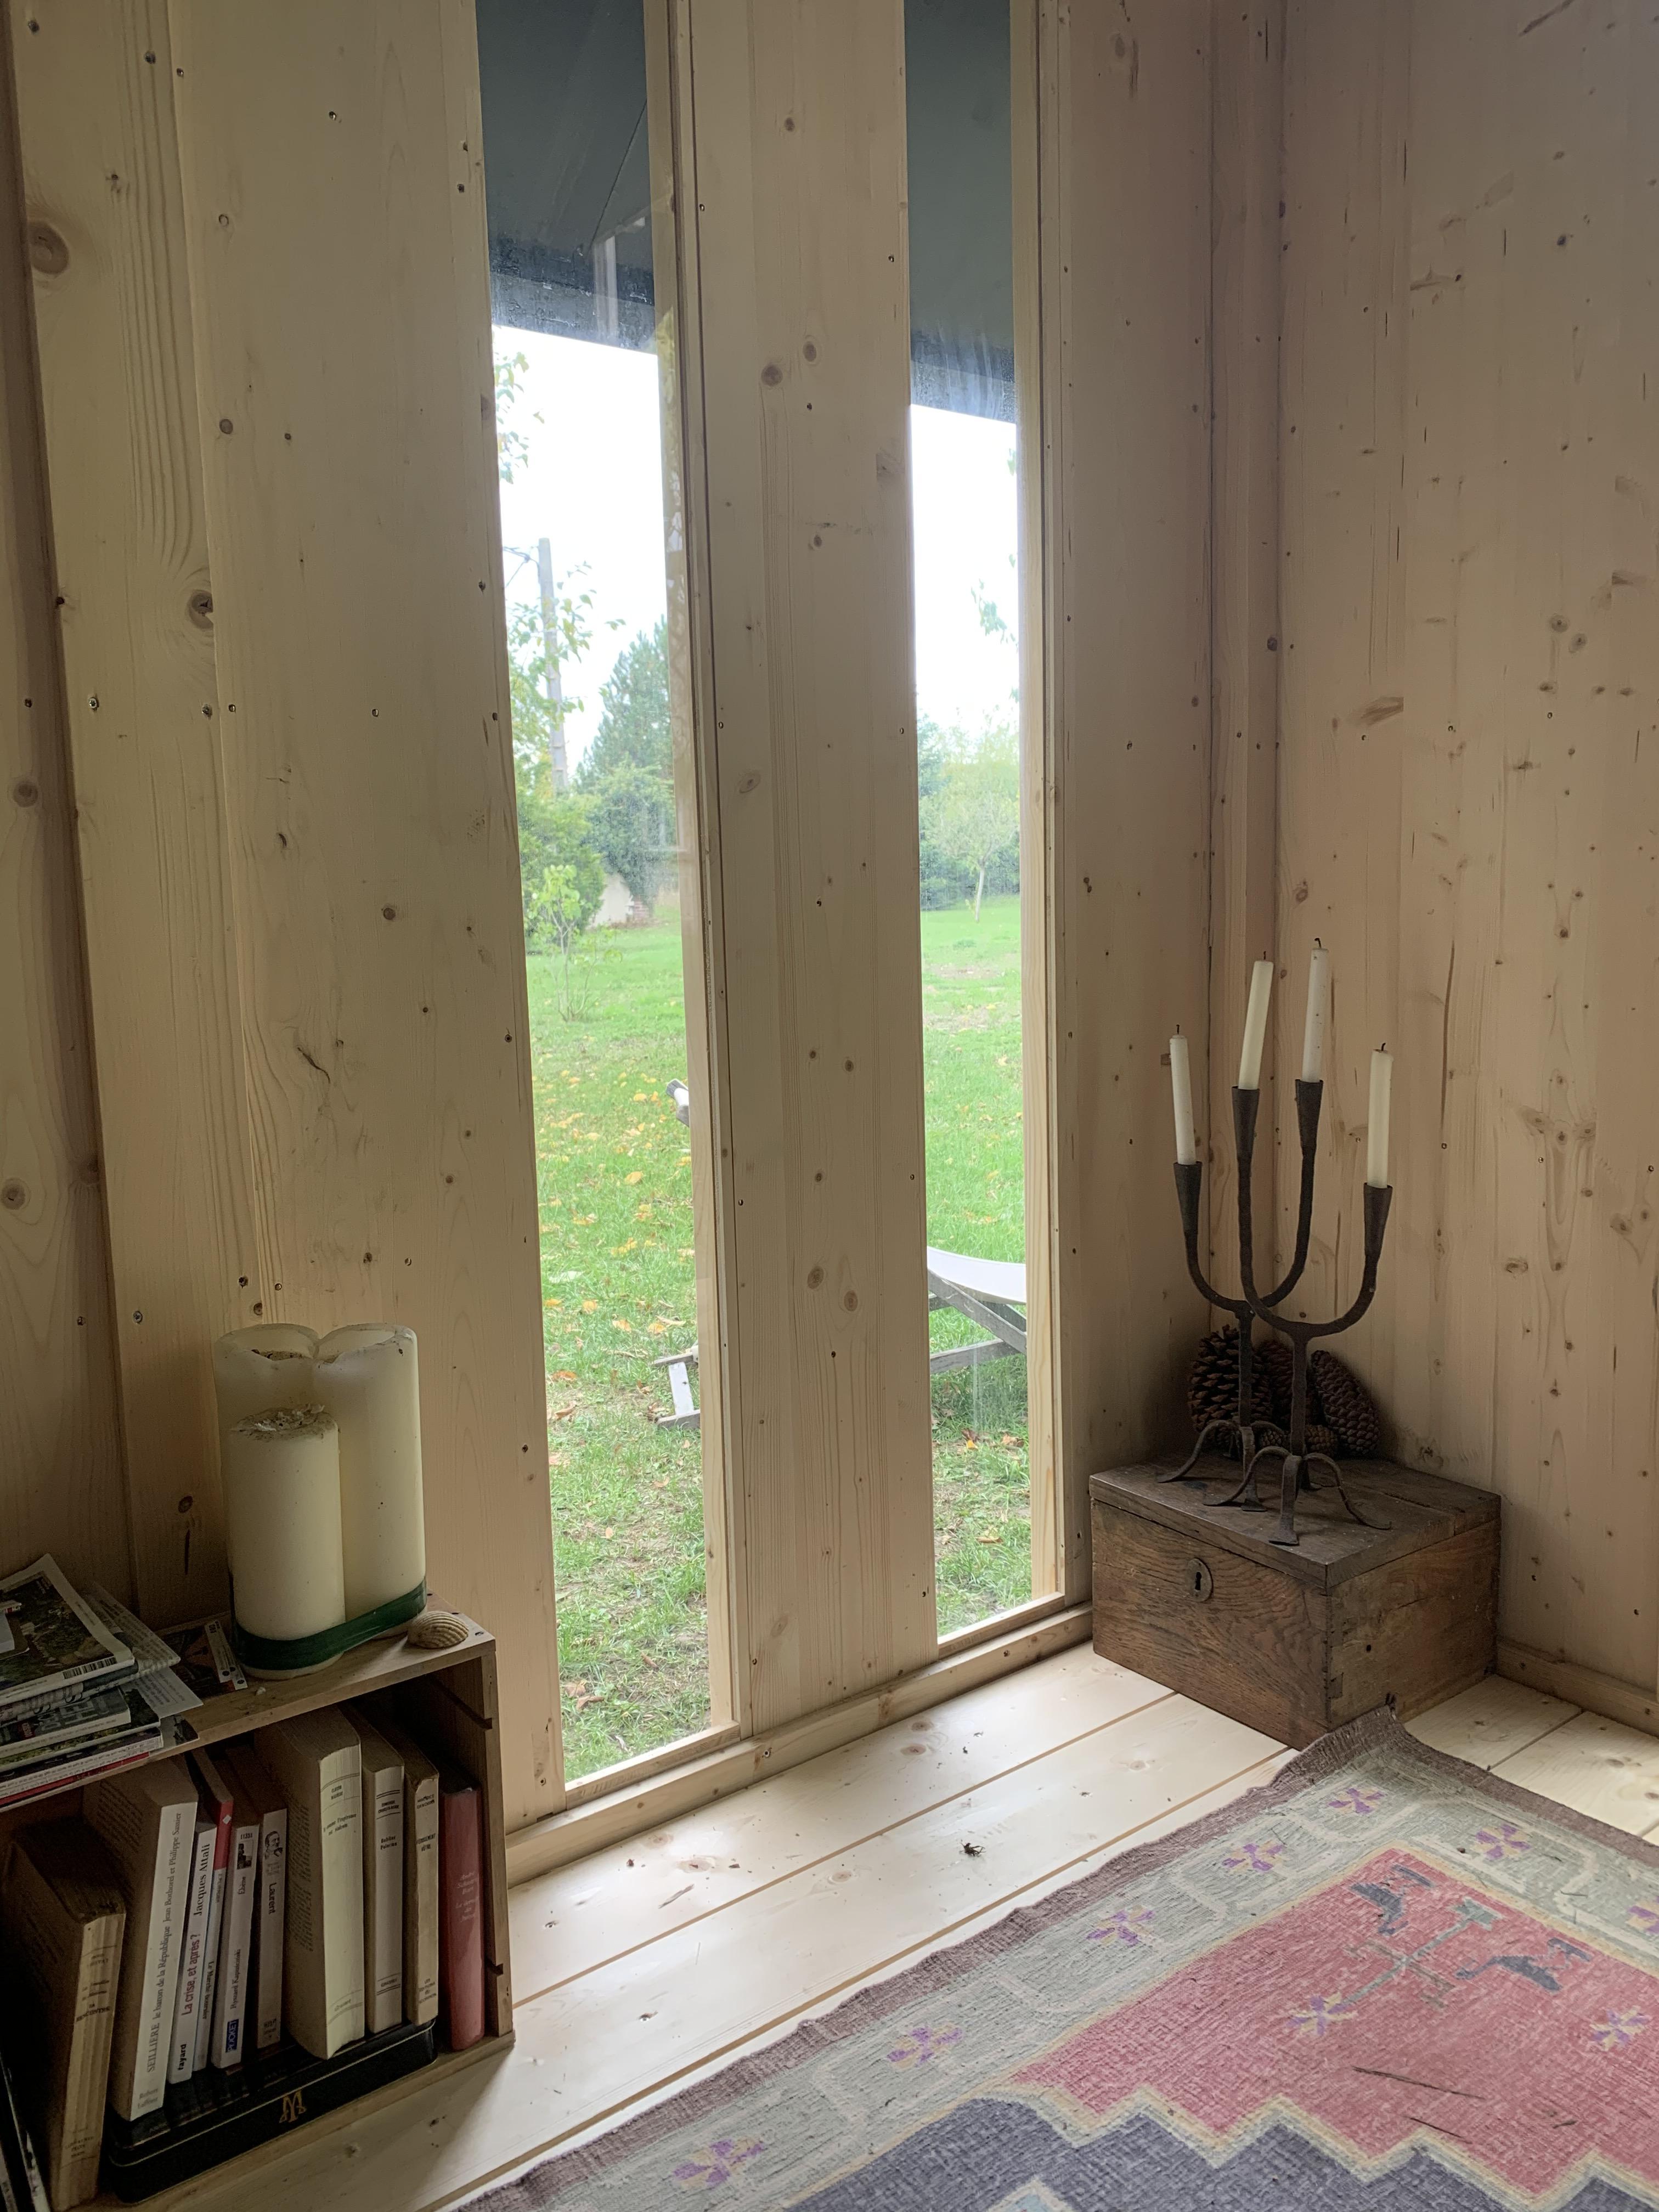 Vitrages 19x180cm, intérieur bois brut.